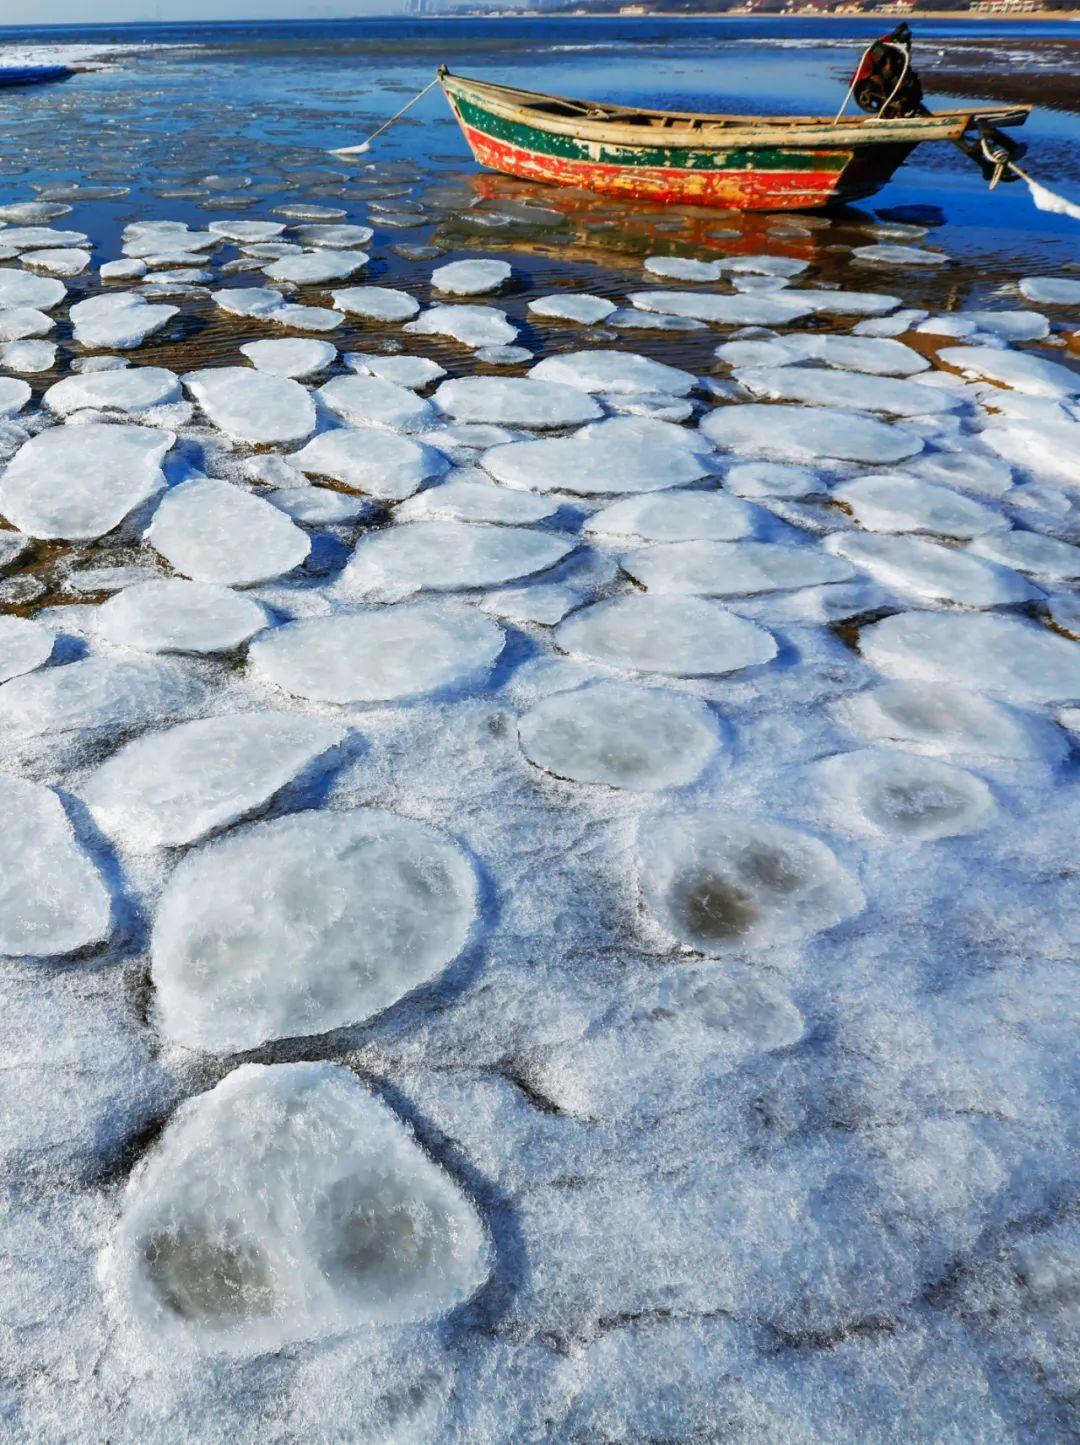 ▲ 冬季,渤海上出现的莲叶状的海冰 。摄影/邱会宁